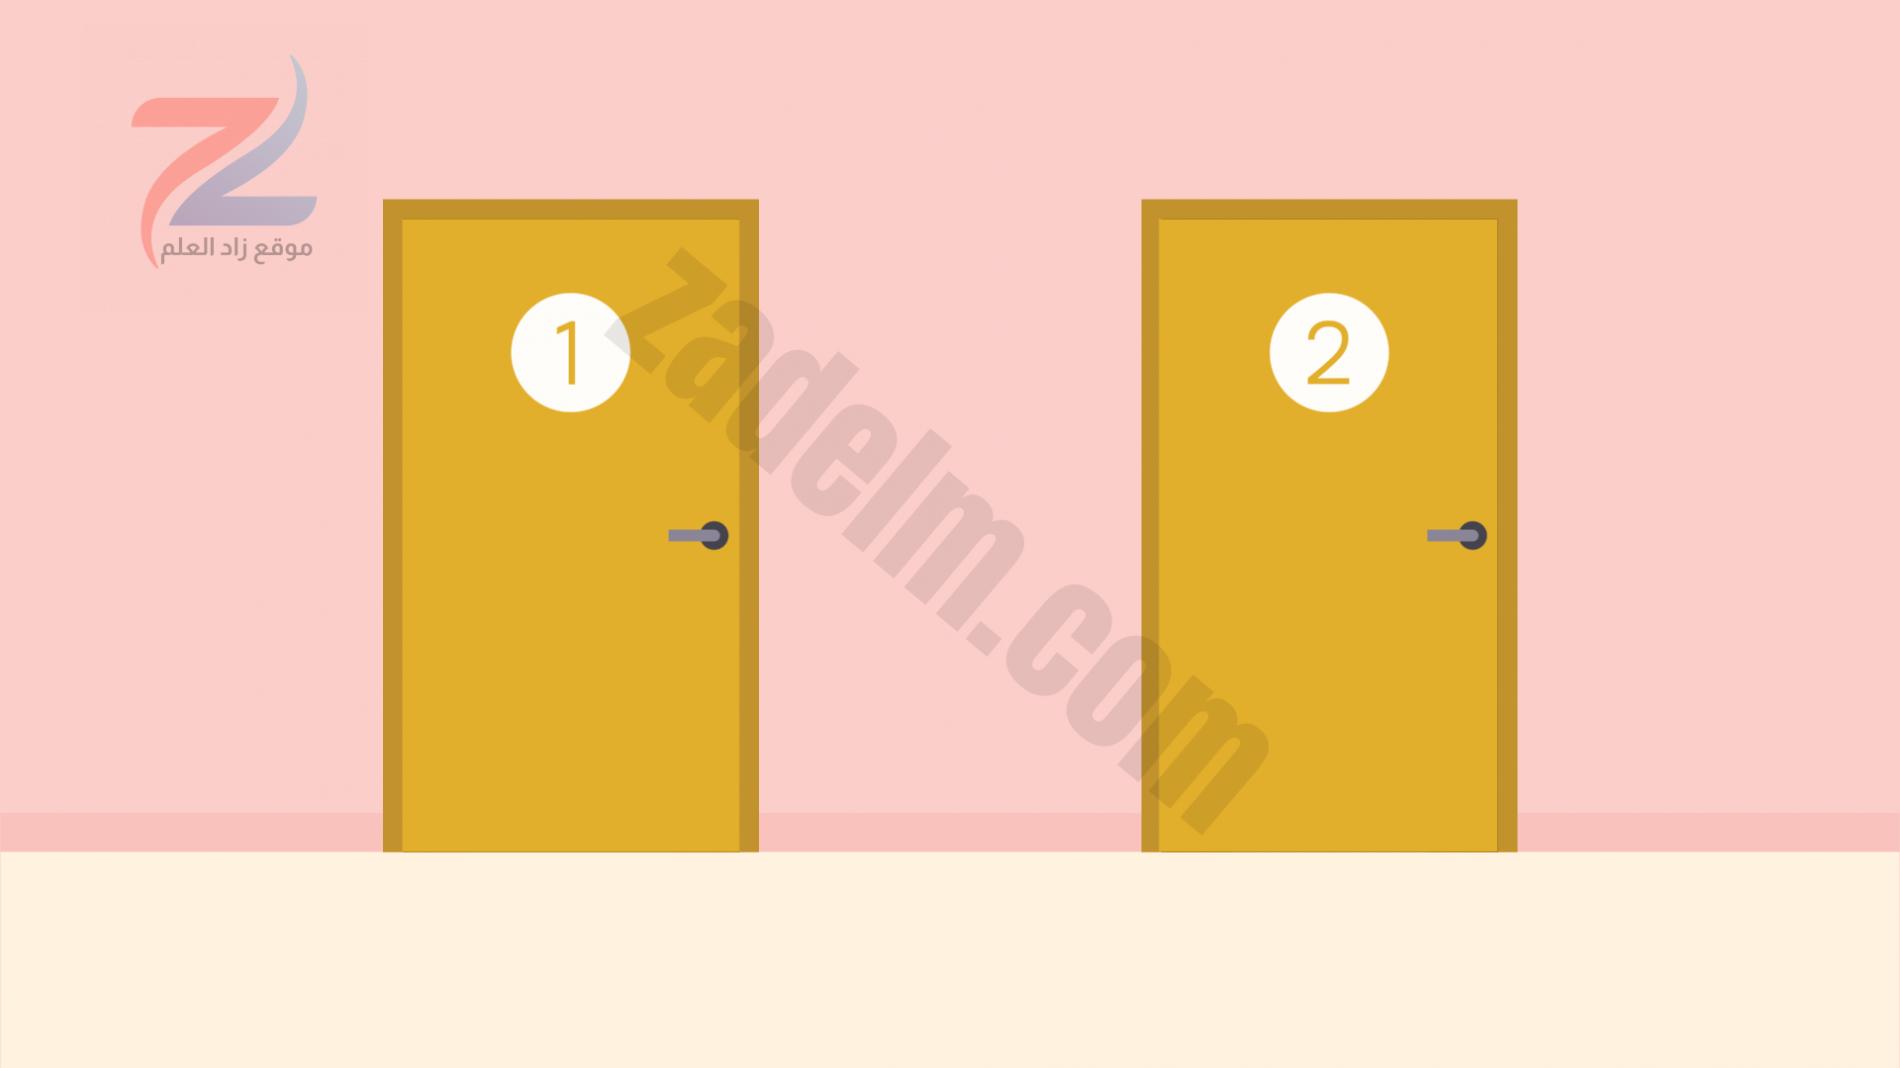 الباب 1 والباب 2